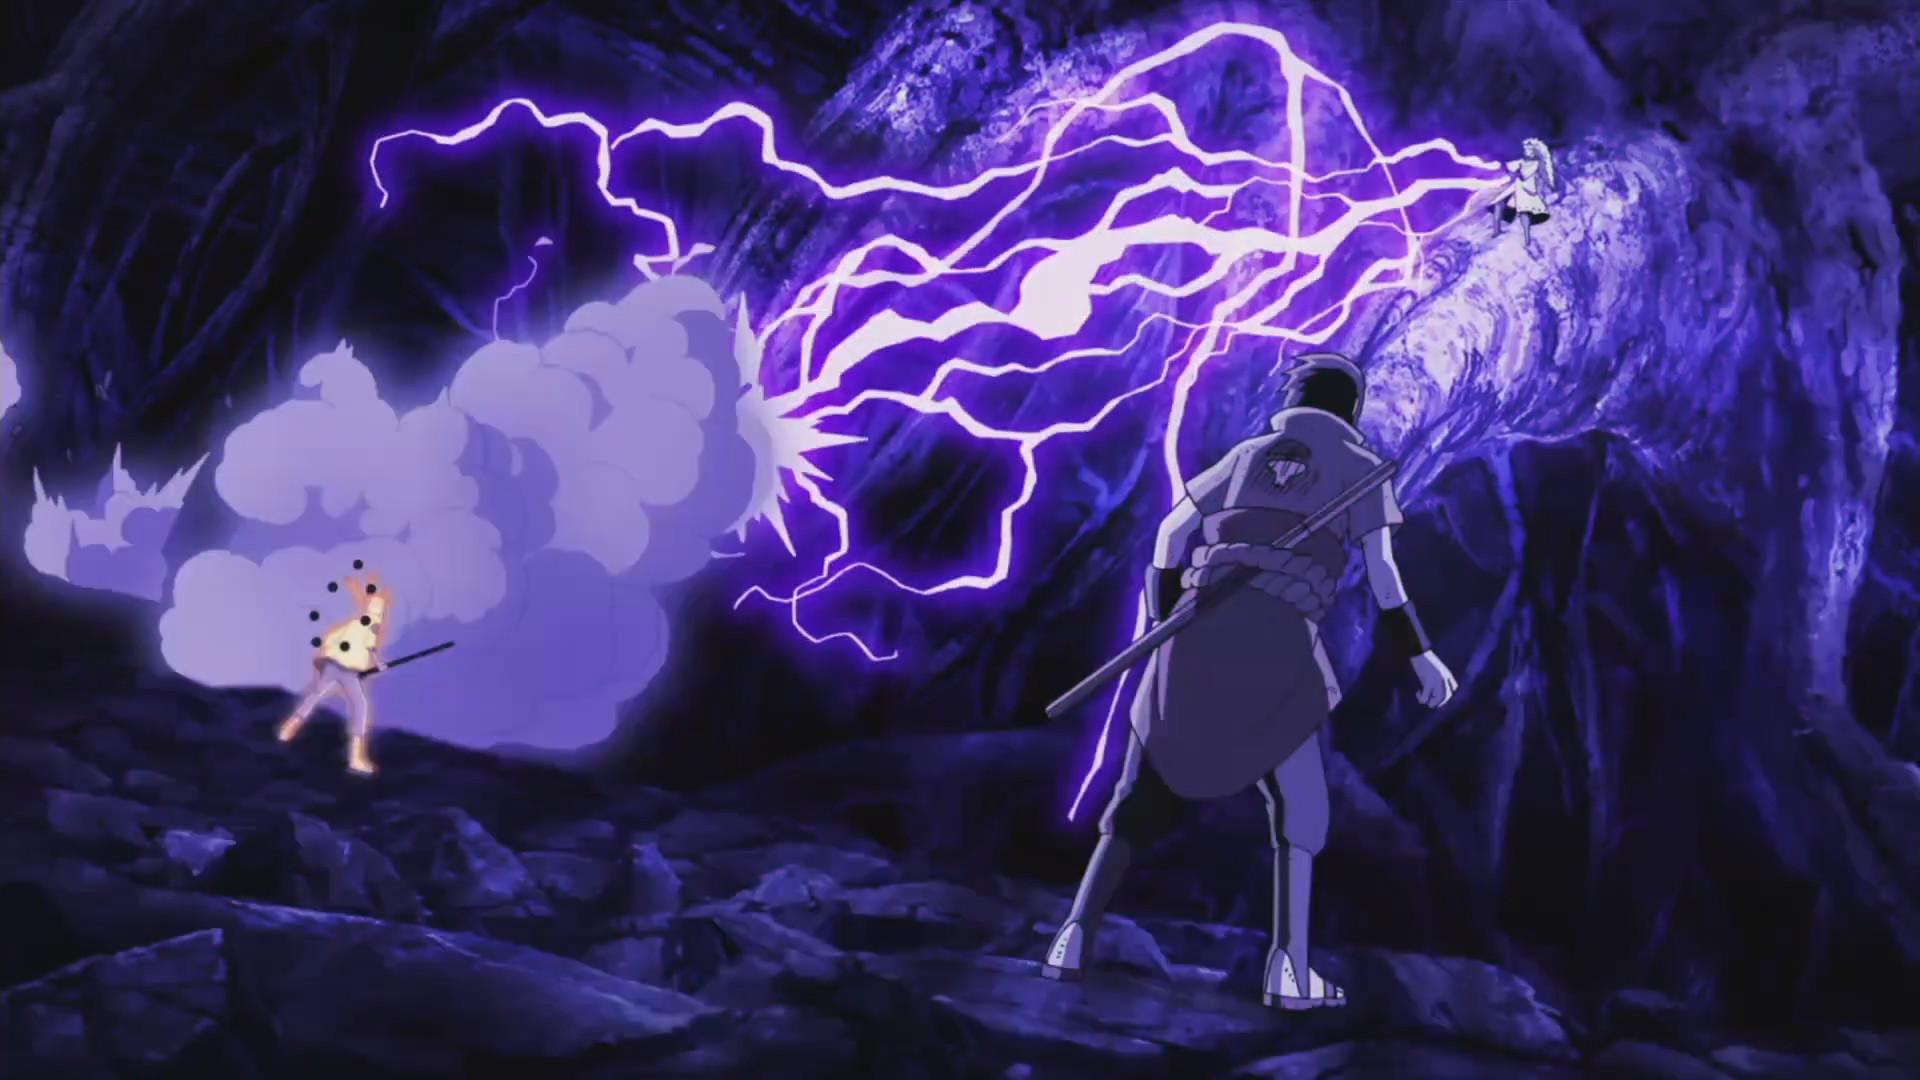 Itachi Uchiha Quotes Wallpaper Naruto And Sasuke Vs Madara Wallpapers 54 Images